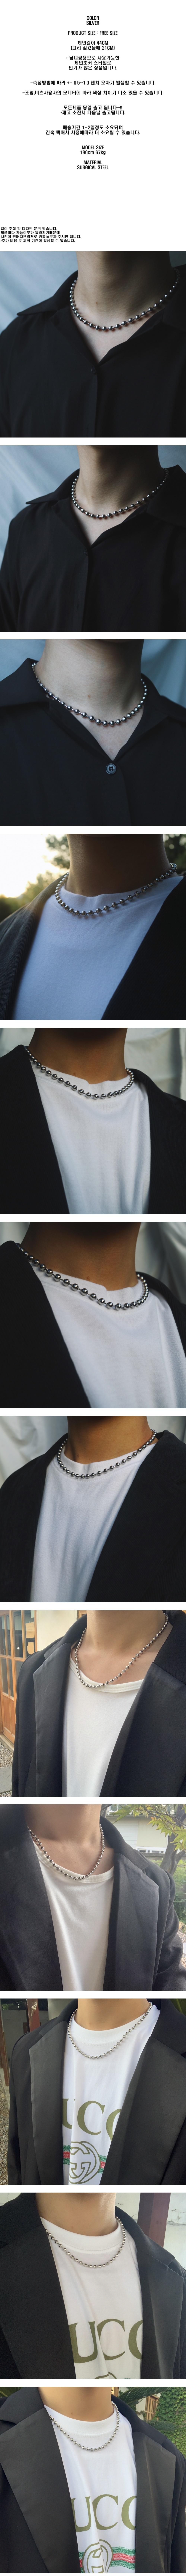 남자 목걸이 구슬 써지컬 스틸 짧은 pead - 빅애플, 18,900원, 남성주얼리, 목걸이